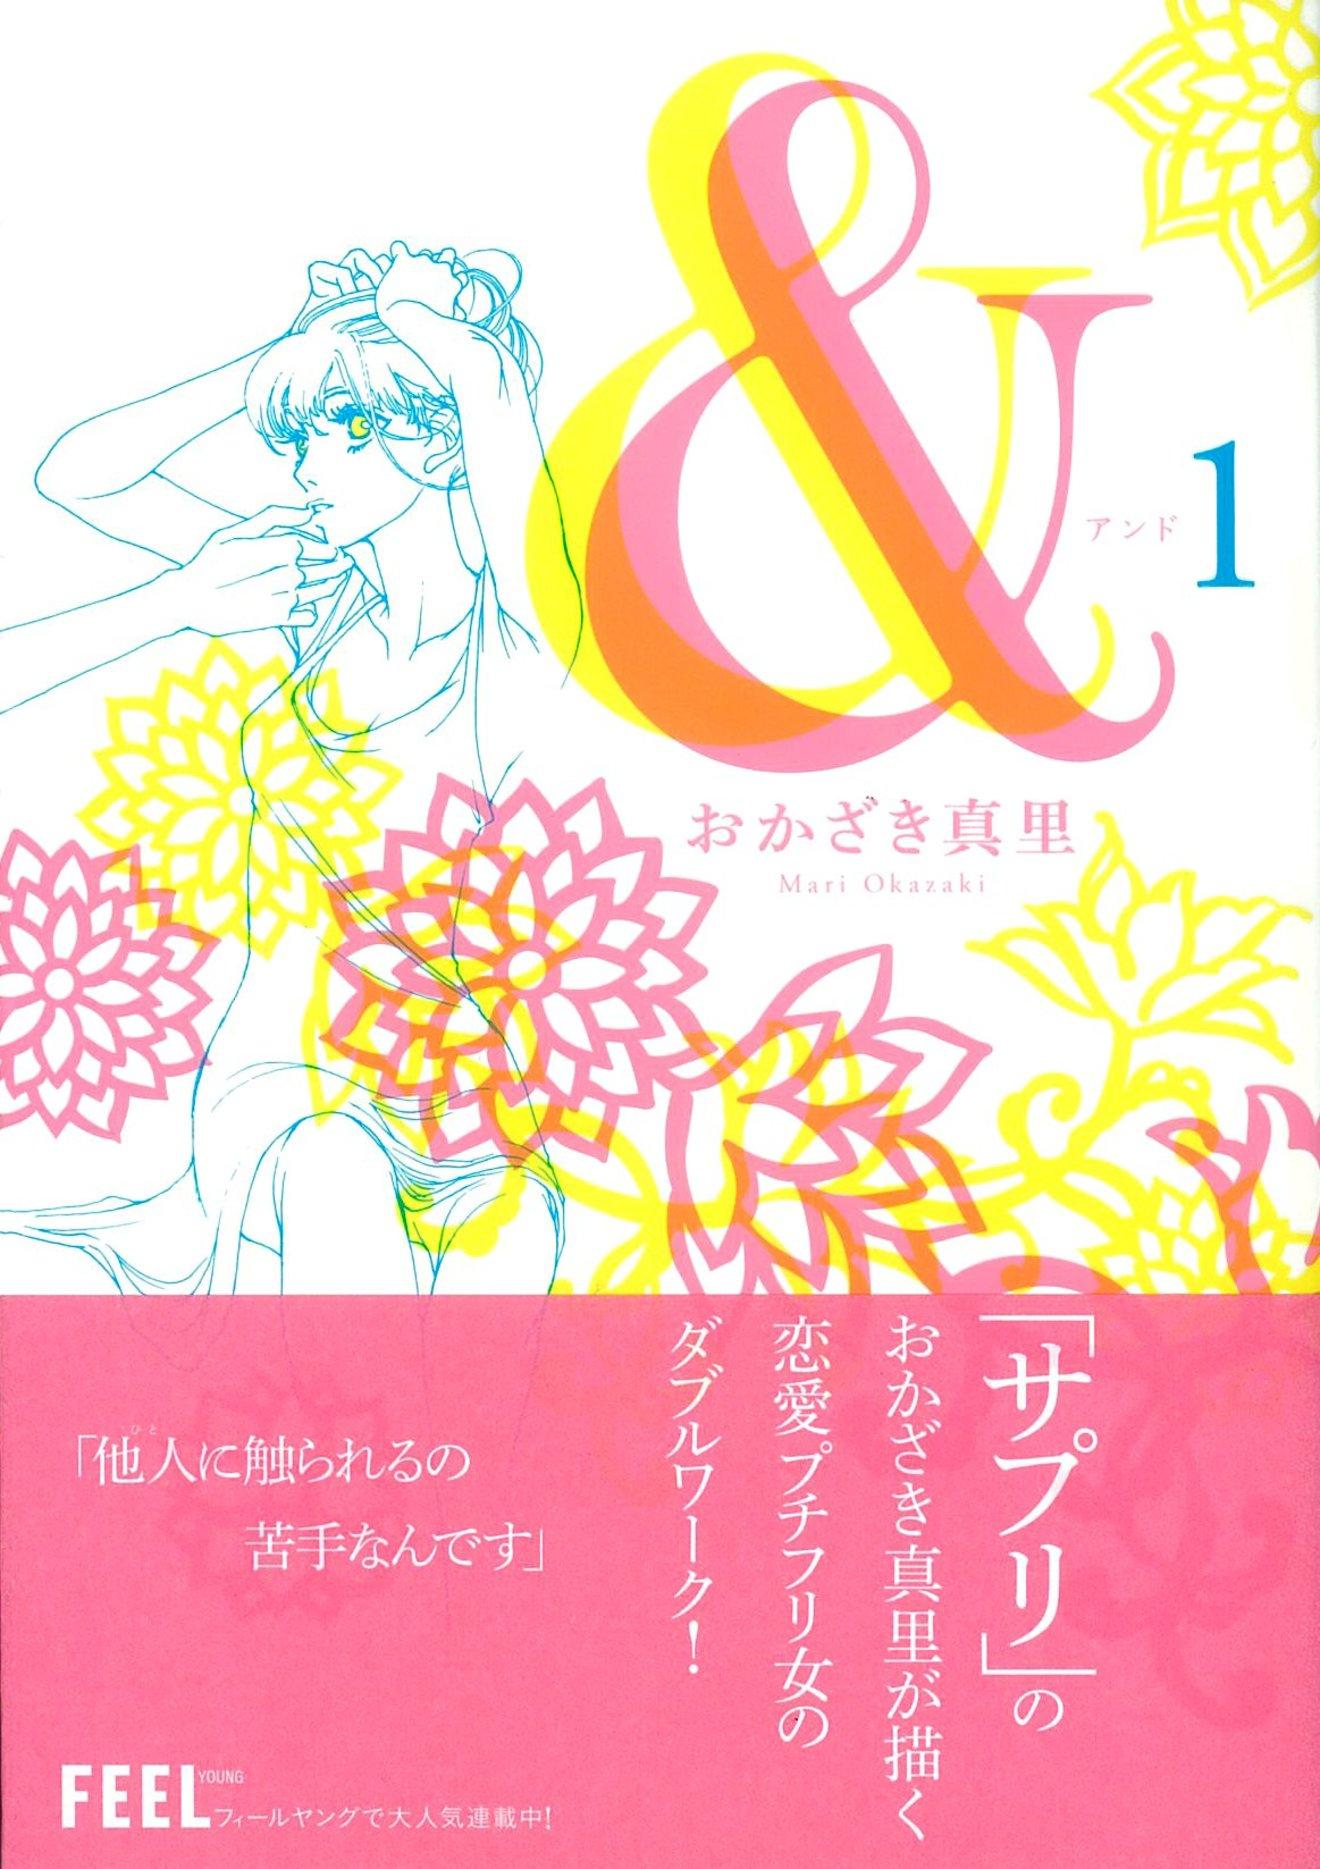 漫画『&』が無料!おかざき真里の隠れた名作の魅力をネタバレ紹介!